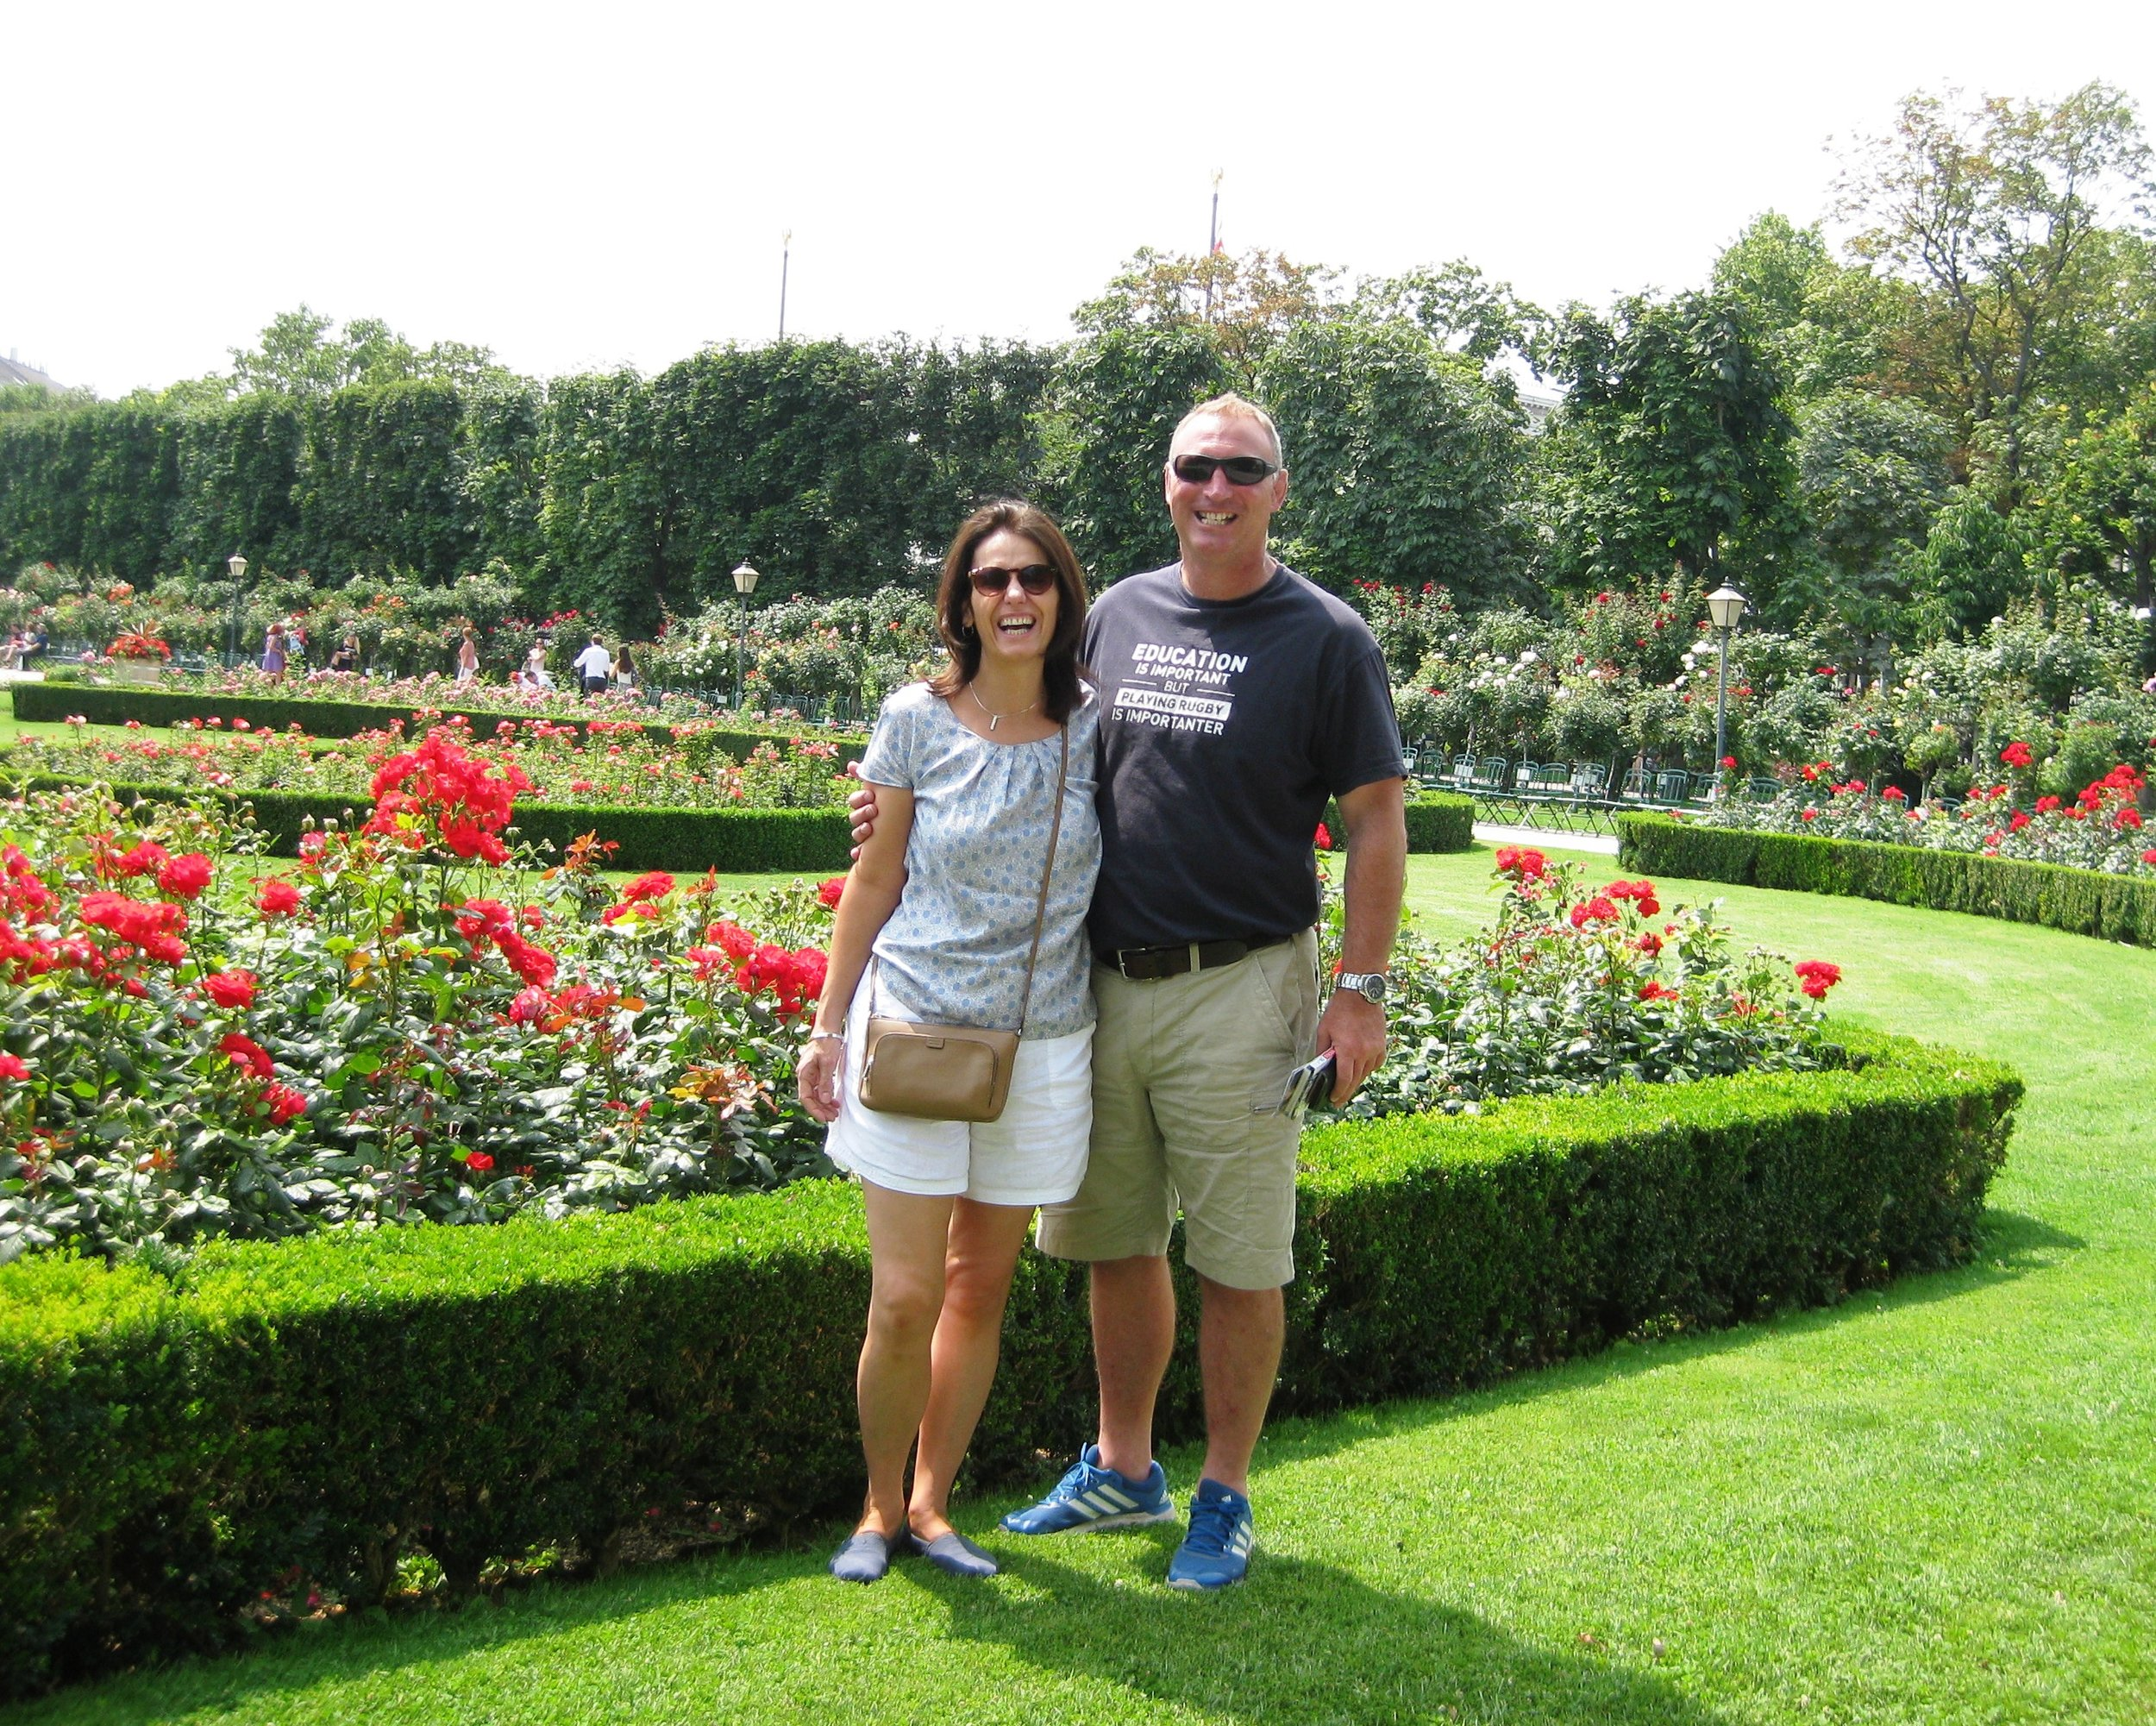 In the rose garden in Vienna